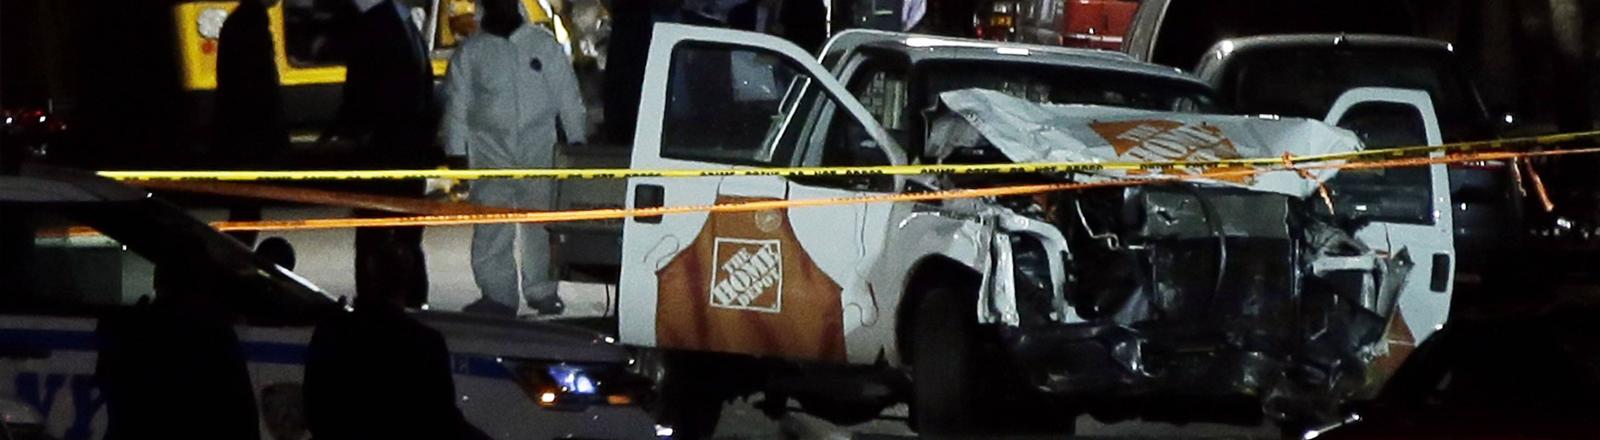 Der kaputte Pick-up, mit dem der Terrorist gefahren ist